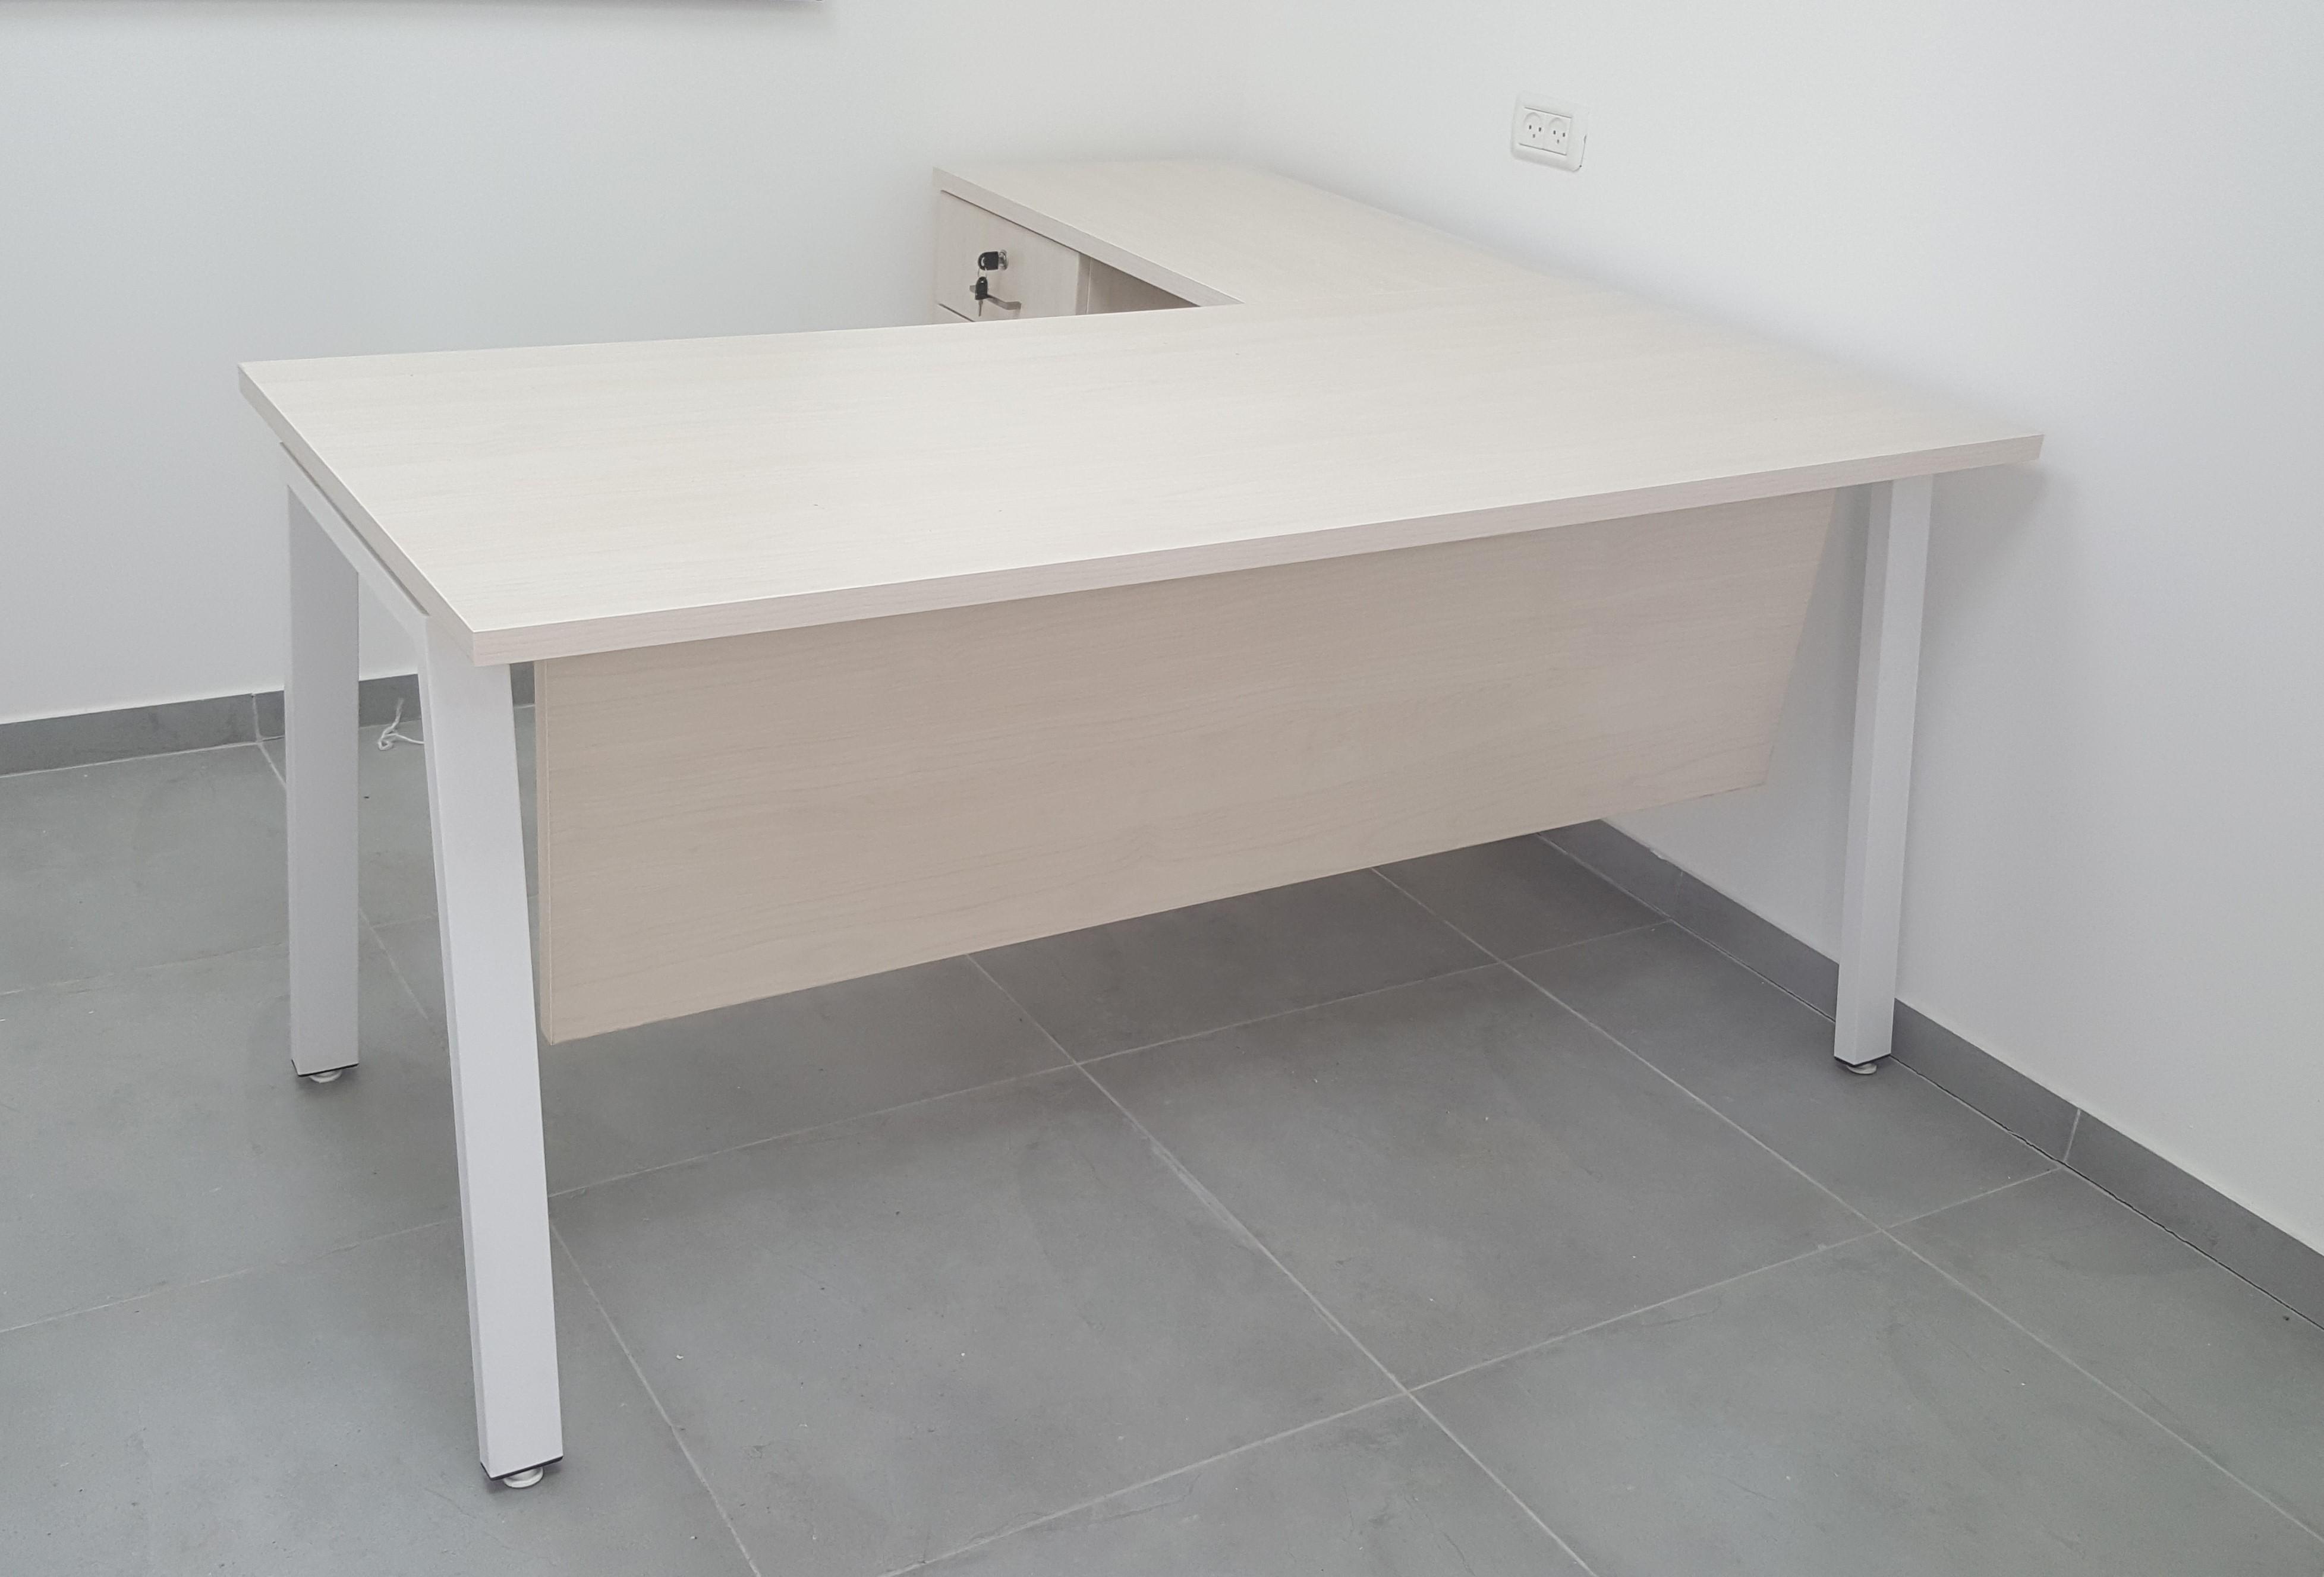 שולחן דגם לוטוס רגלי מתכת משופעות